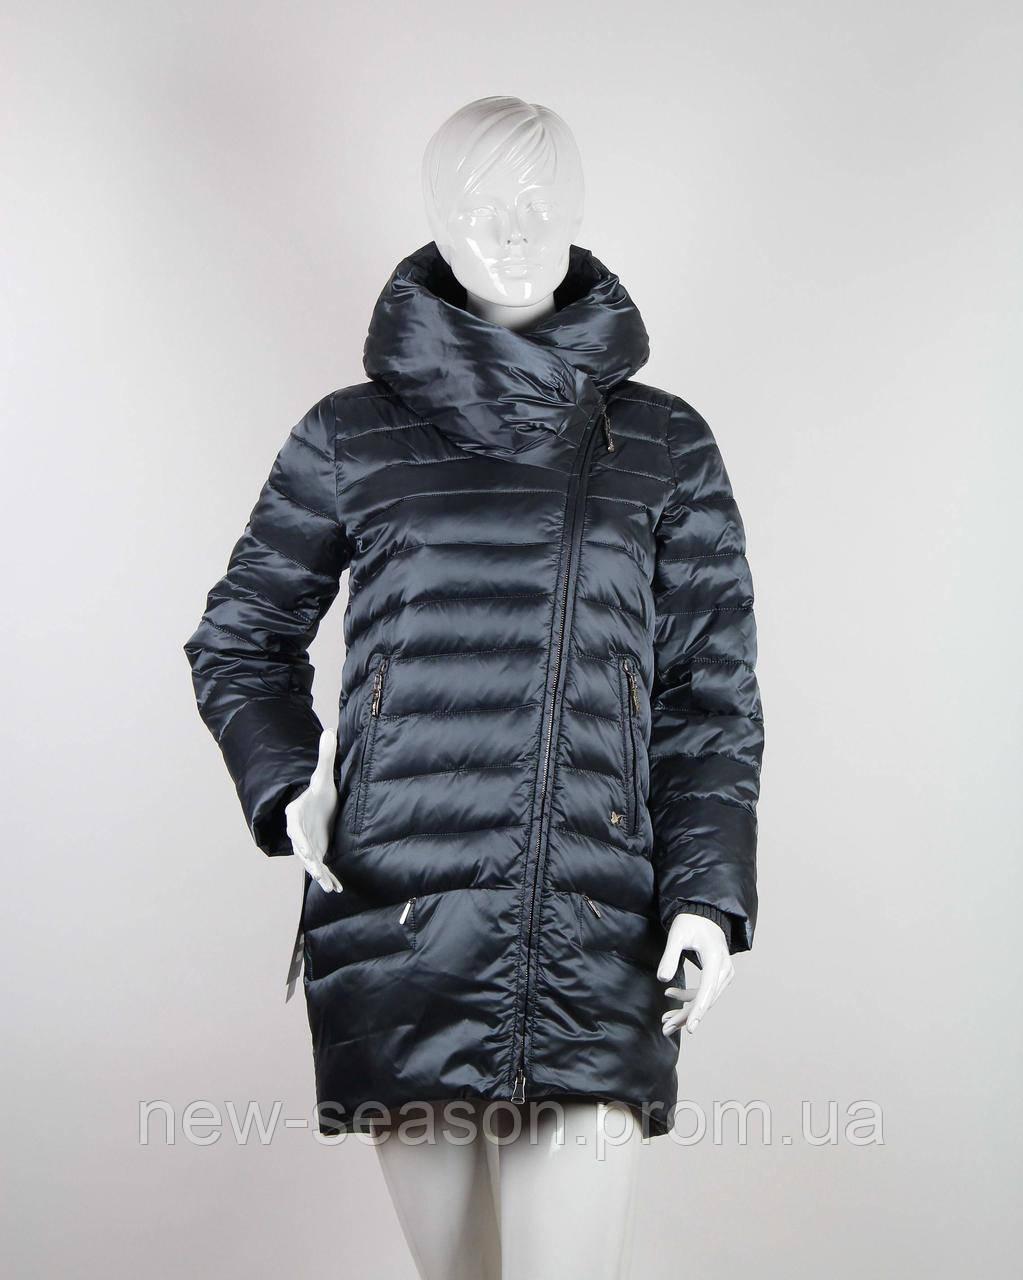 Куртка женская Batterflei 1818 малахит